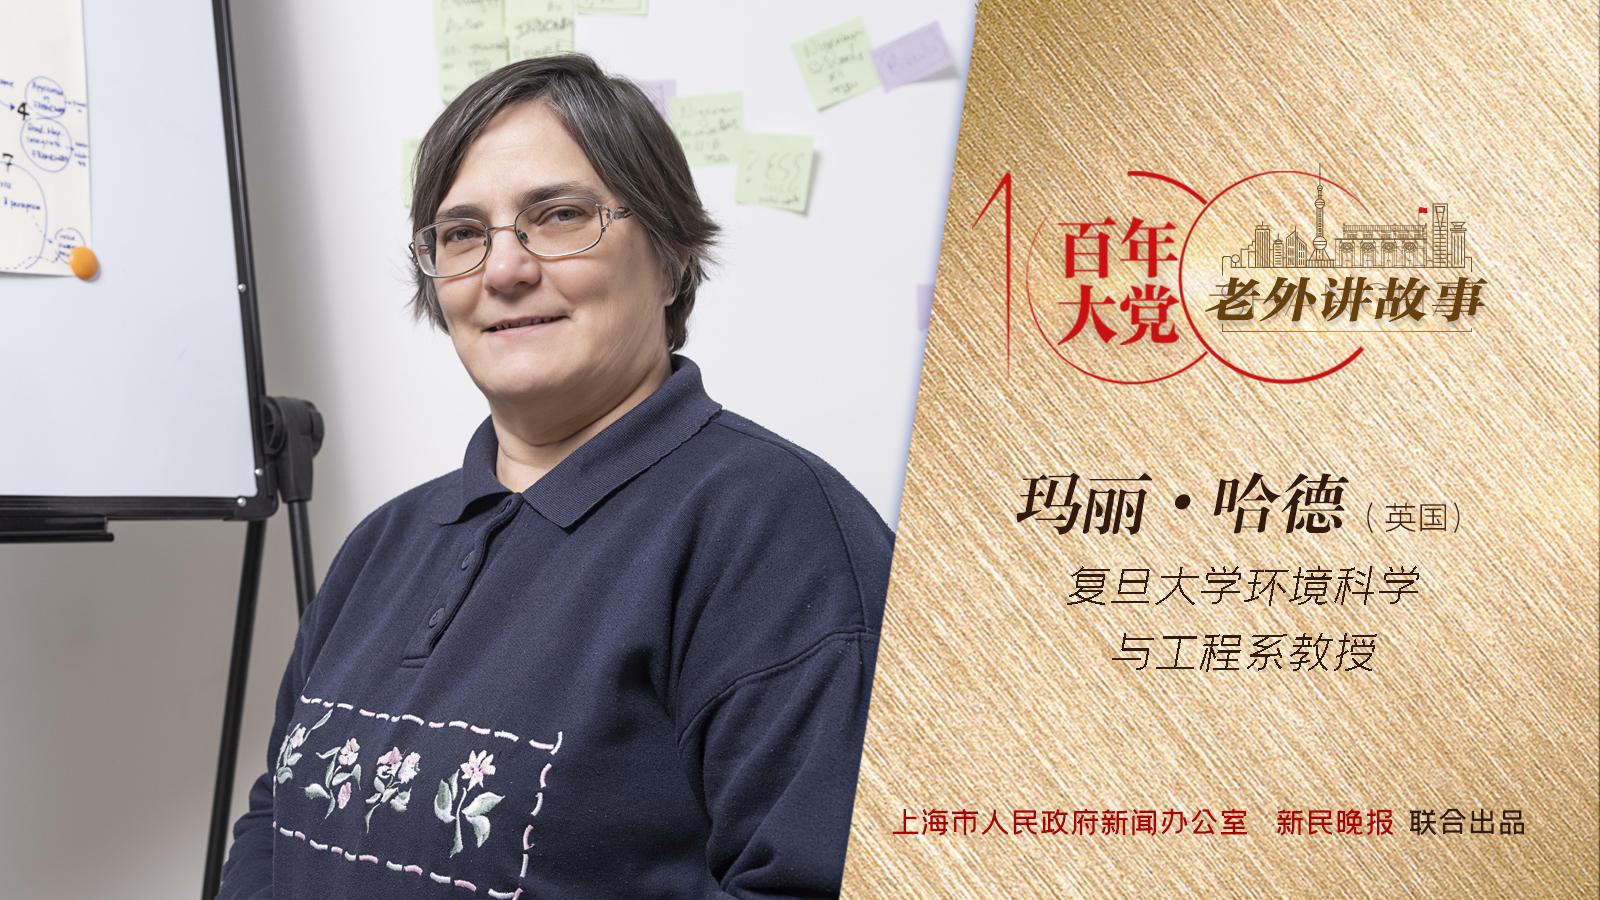 玛丽·哈德:上海垃圾分类的效果是成功的 | 百年大党-老外讲故事(75)